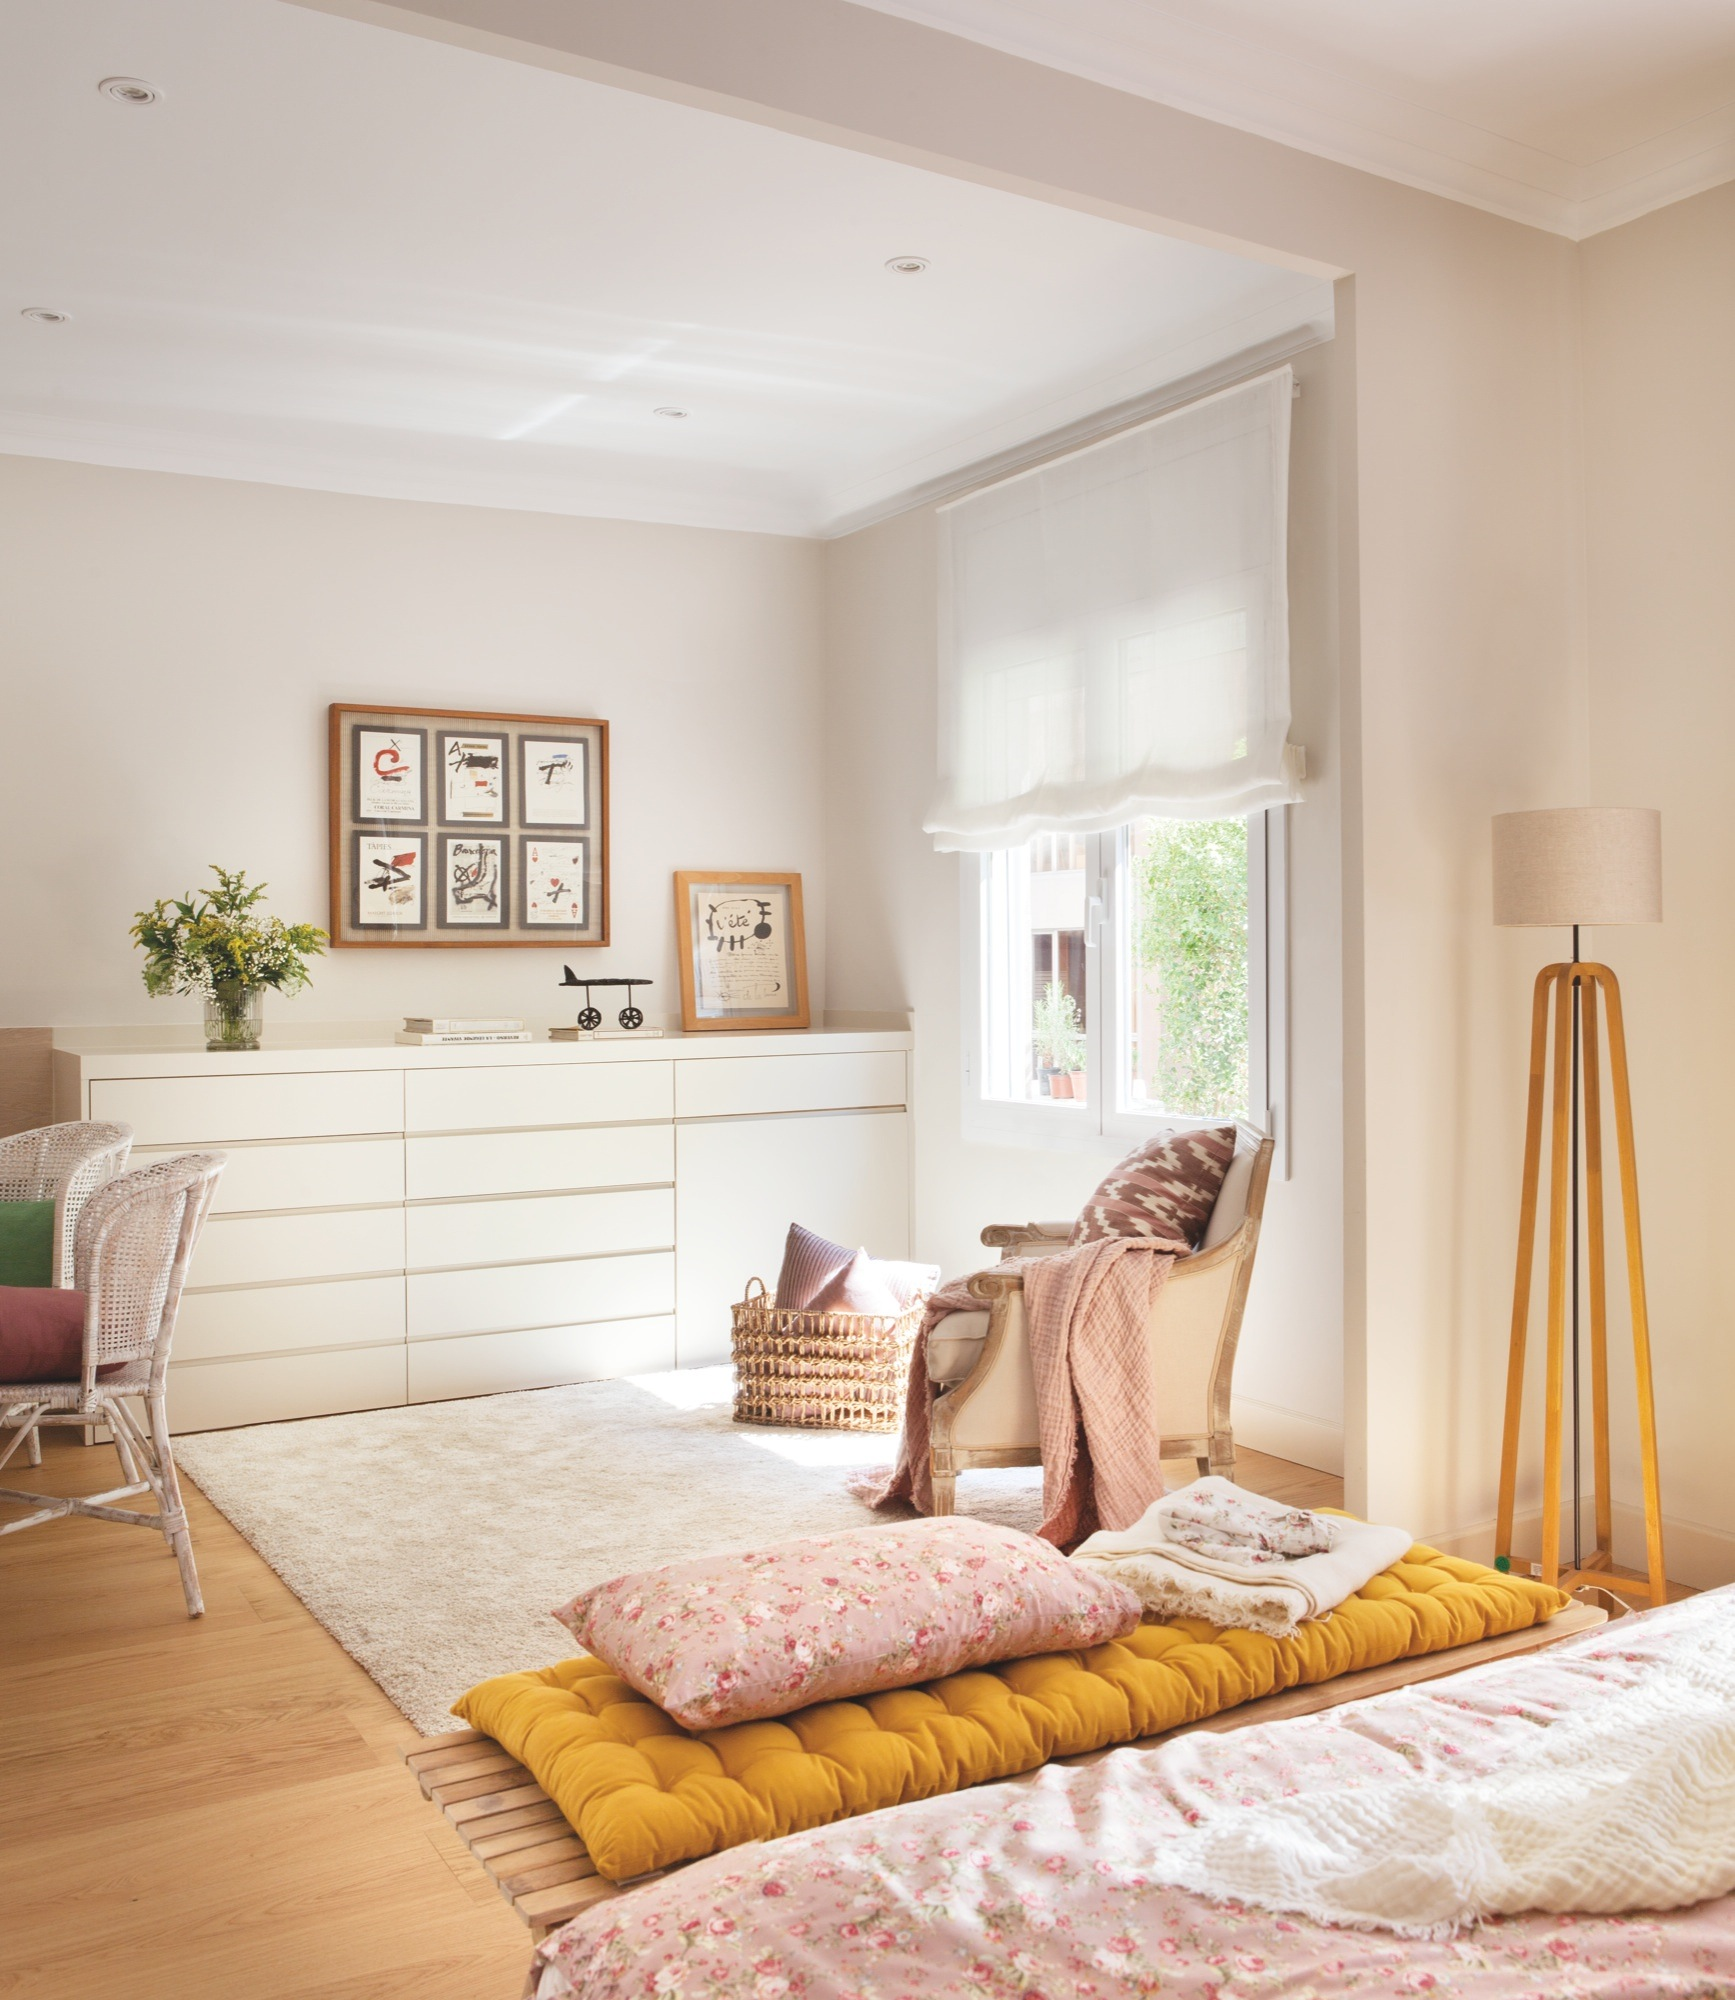 Una casa para nueva etapa sin hijos - Bancos para dormitorio matrimonio ...